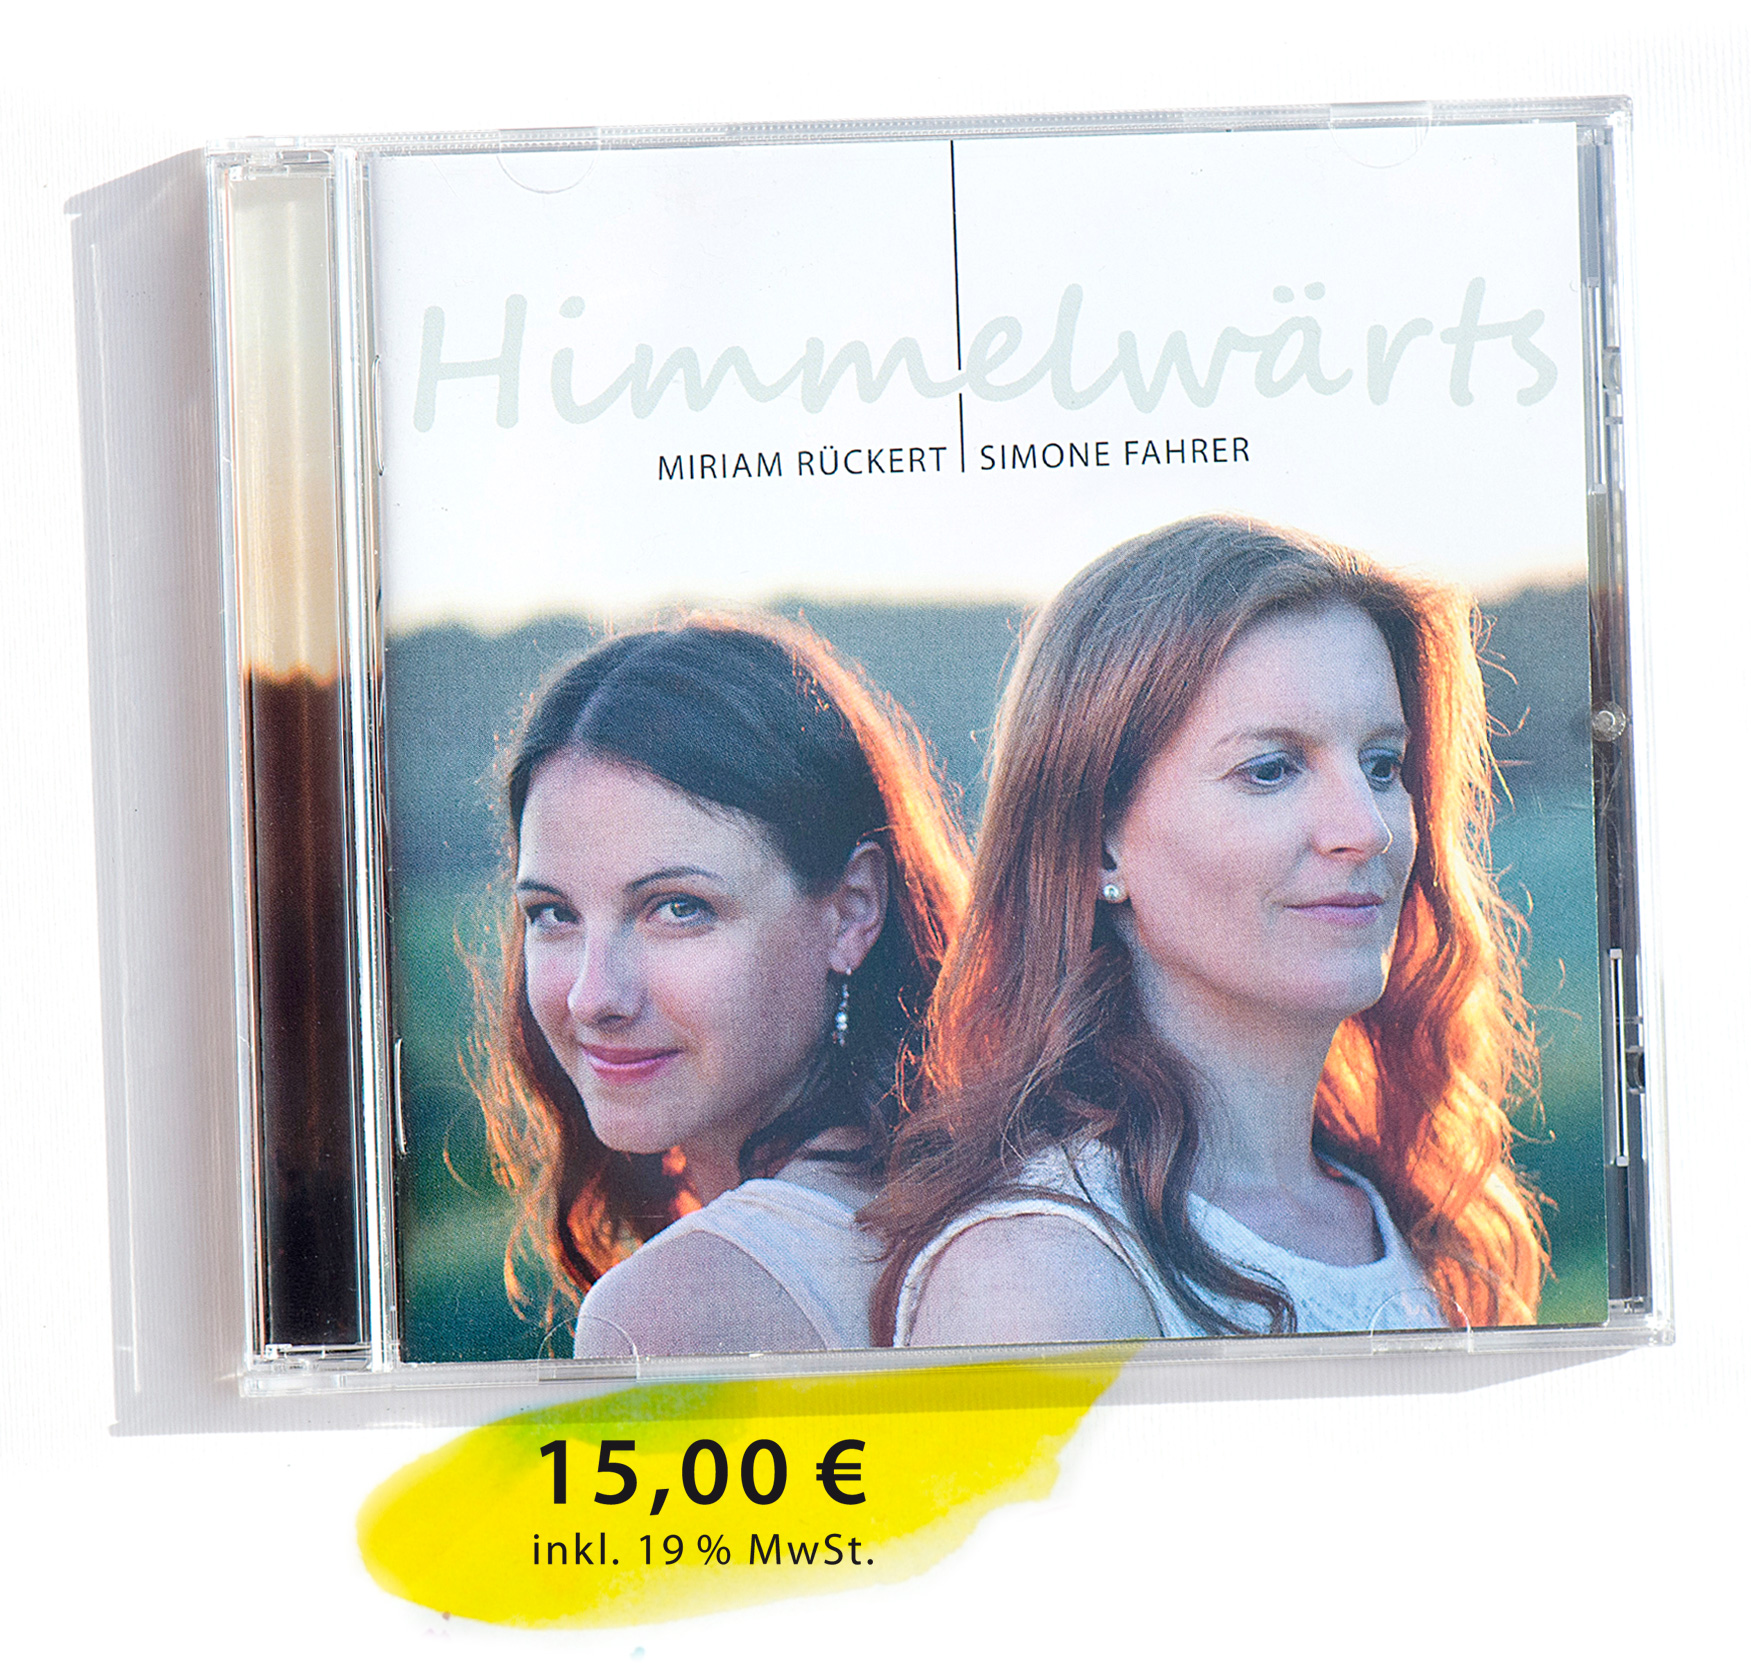 CD_Freisteller_Preis